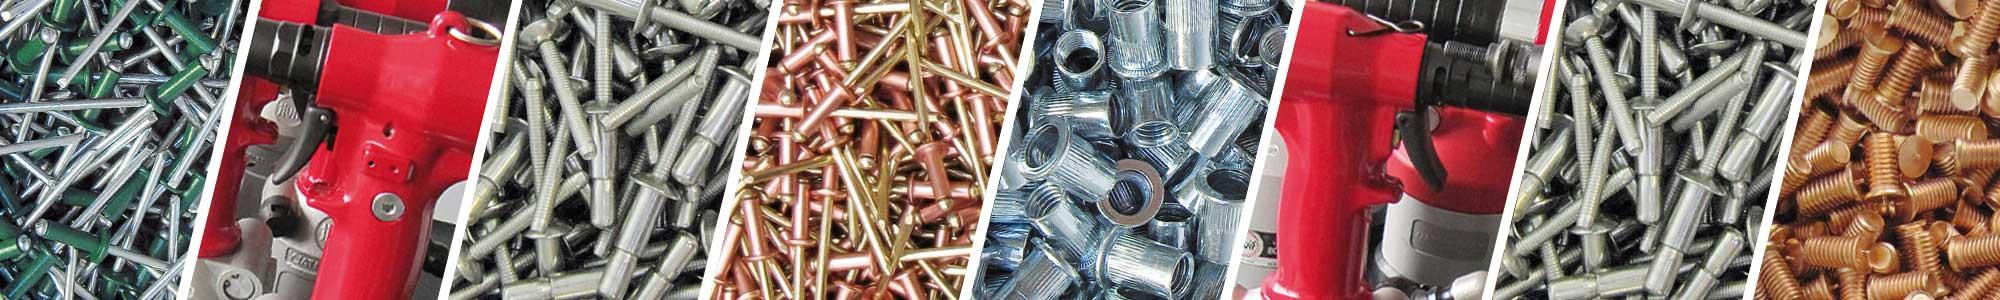 200 pezzi Ribattini in rame Ø 2 mm-L 5mm Copper rivets